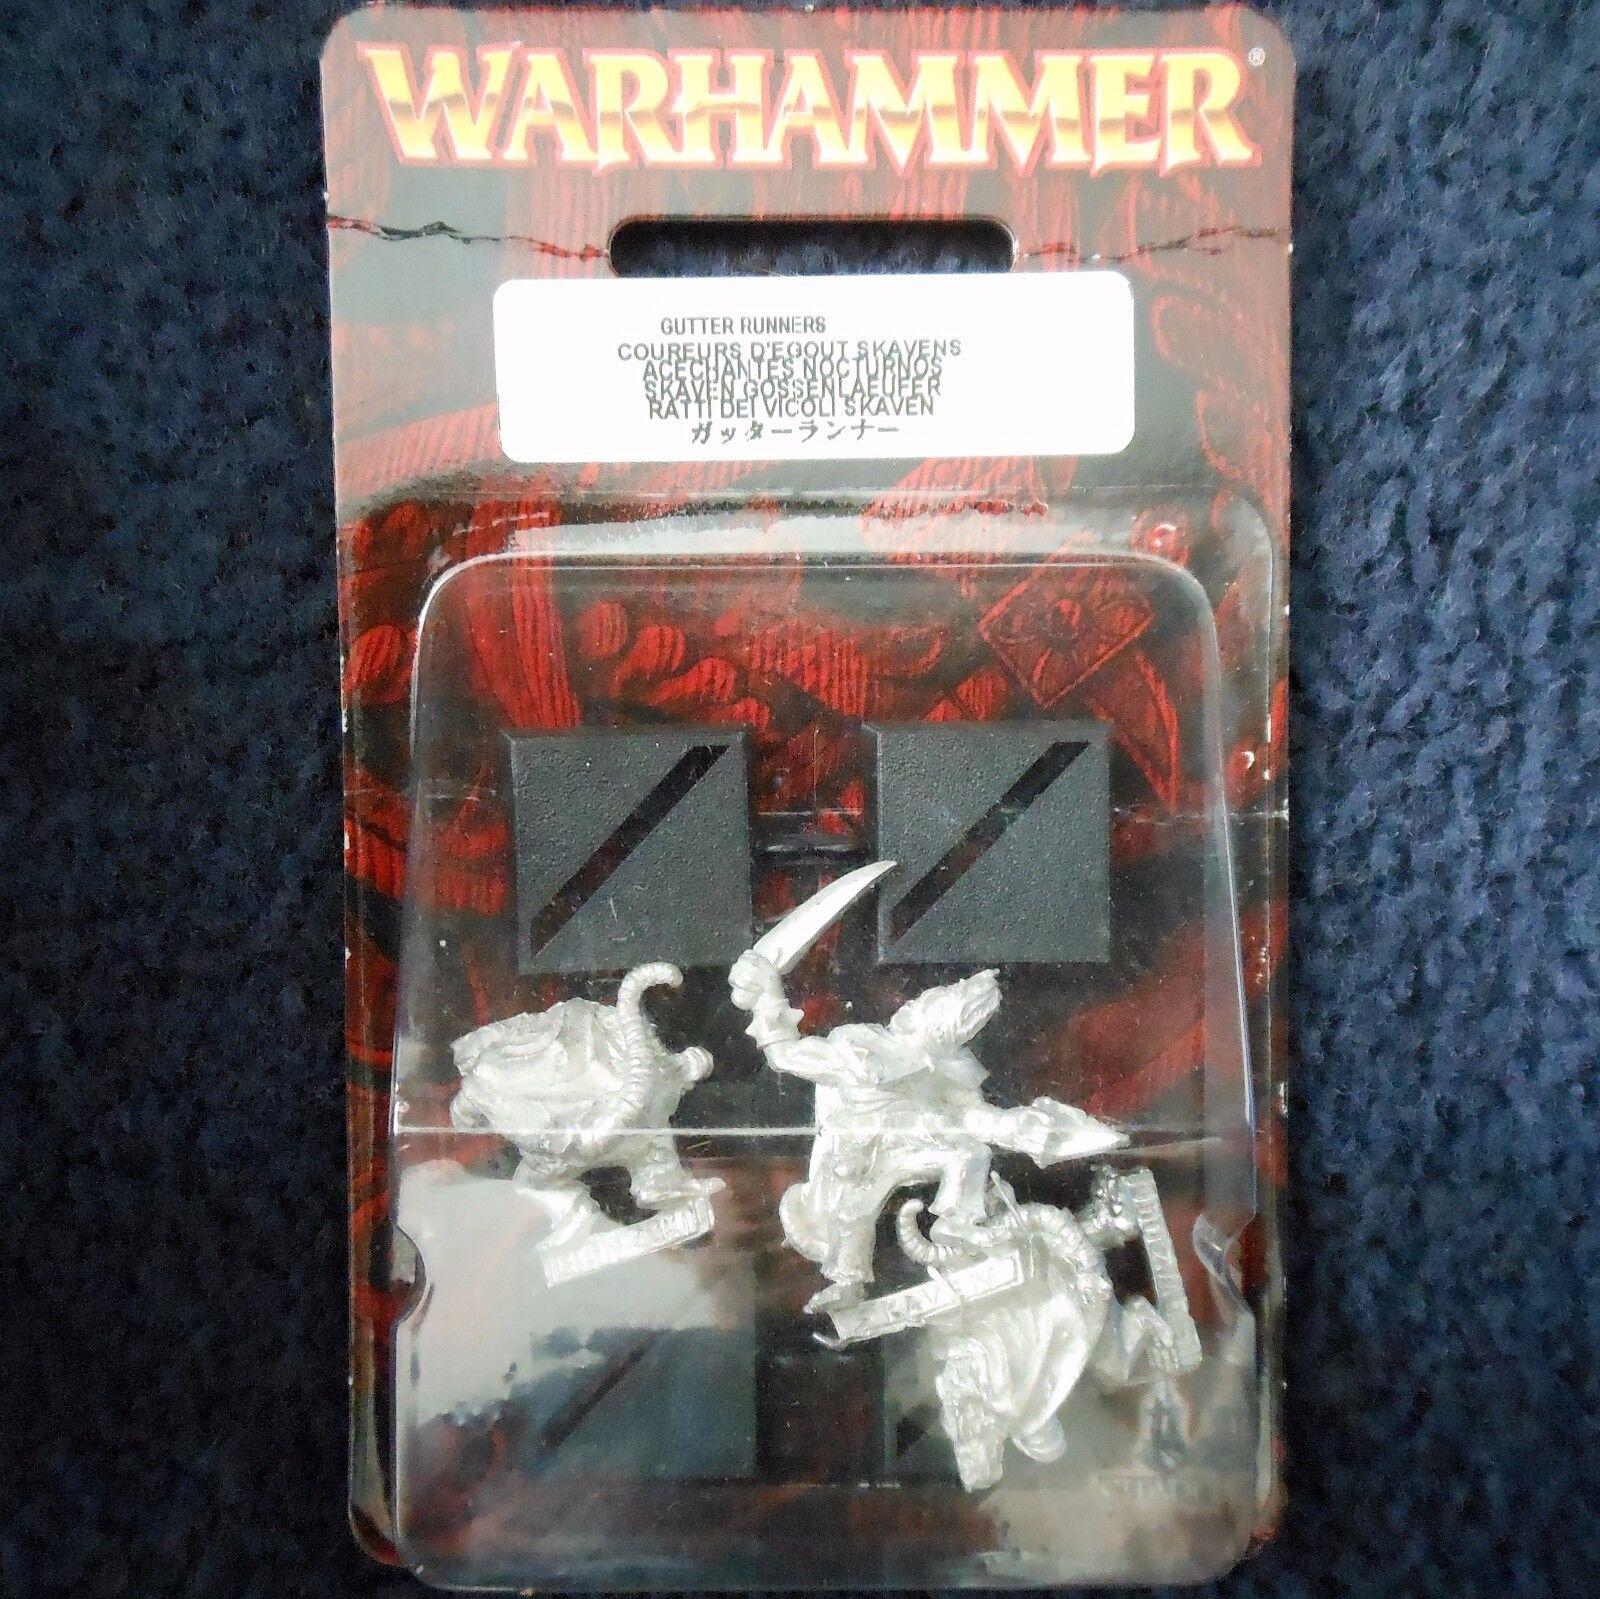 2001 Skaven Gutter Runner G2 Games Workshop Eshin Night Warhammer Mordheim MIB